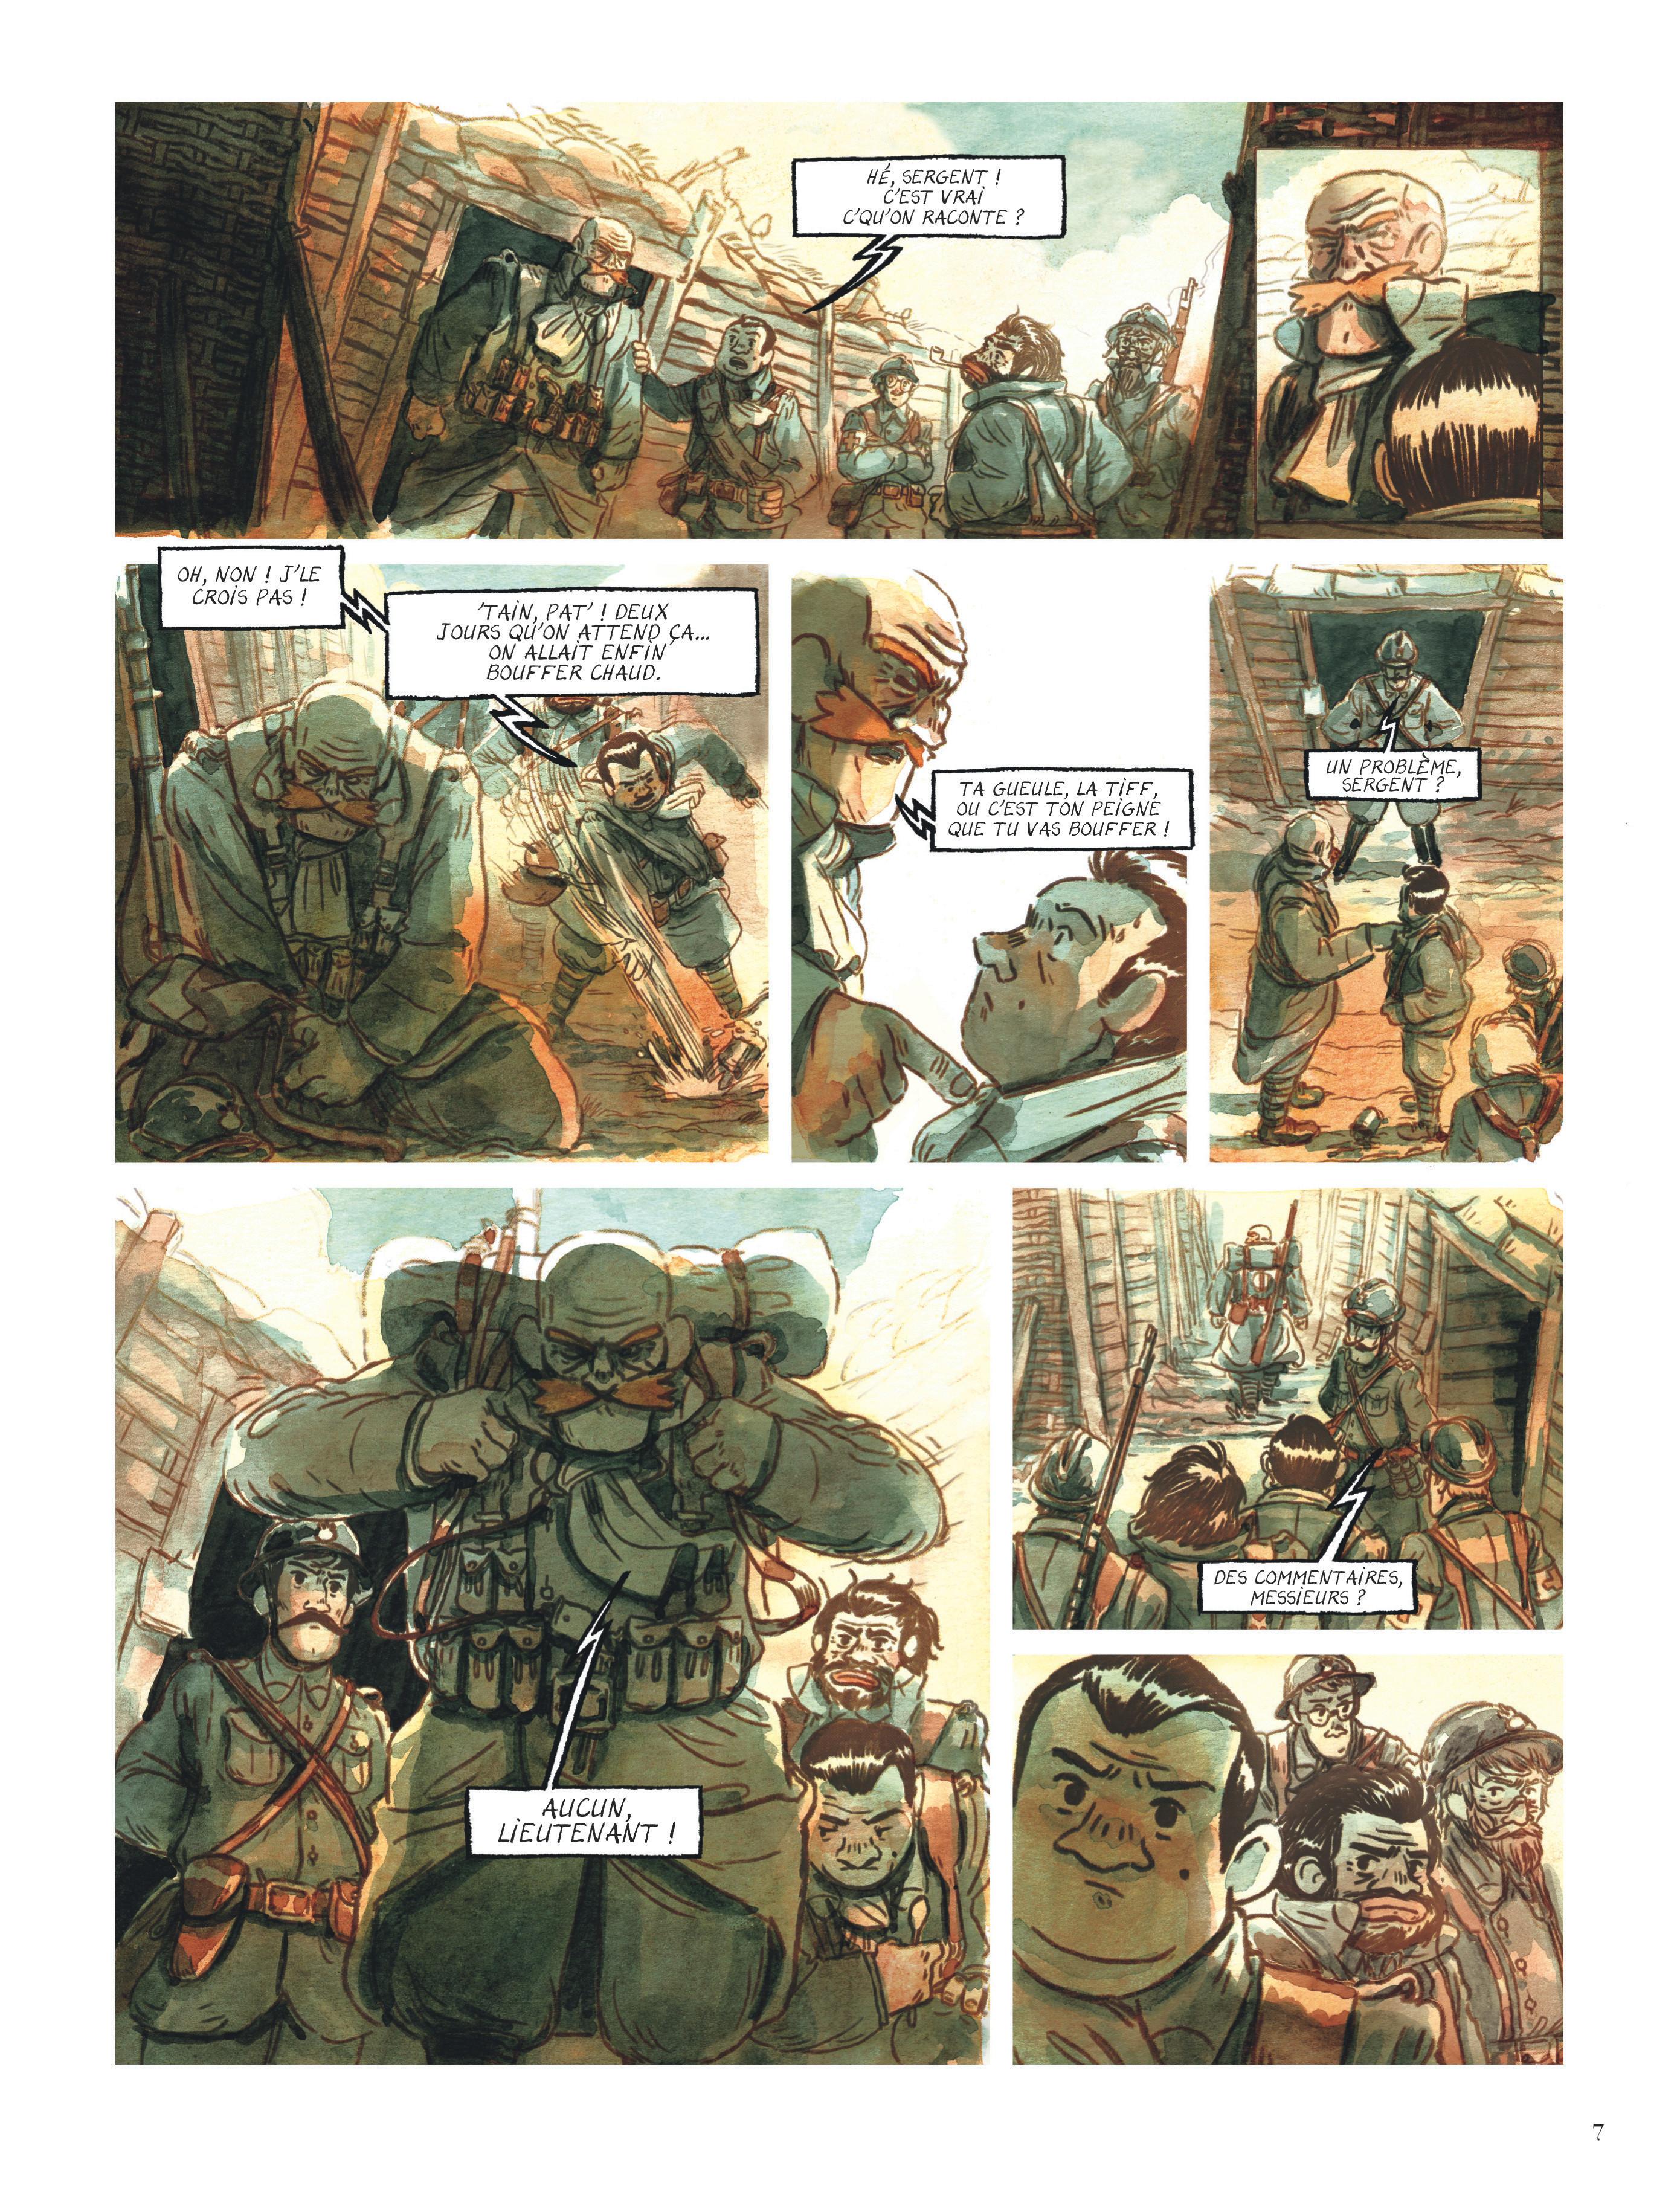 Le chant du cygne #1_Page 7